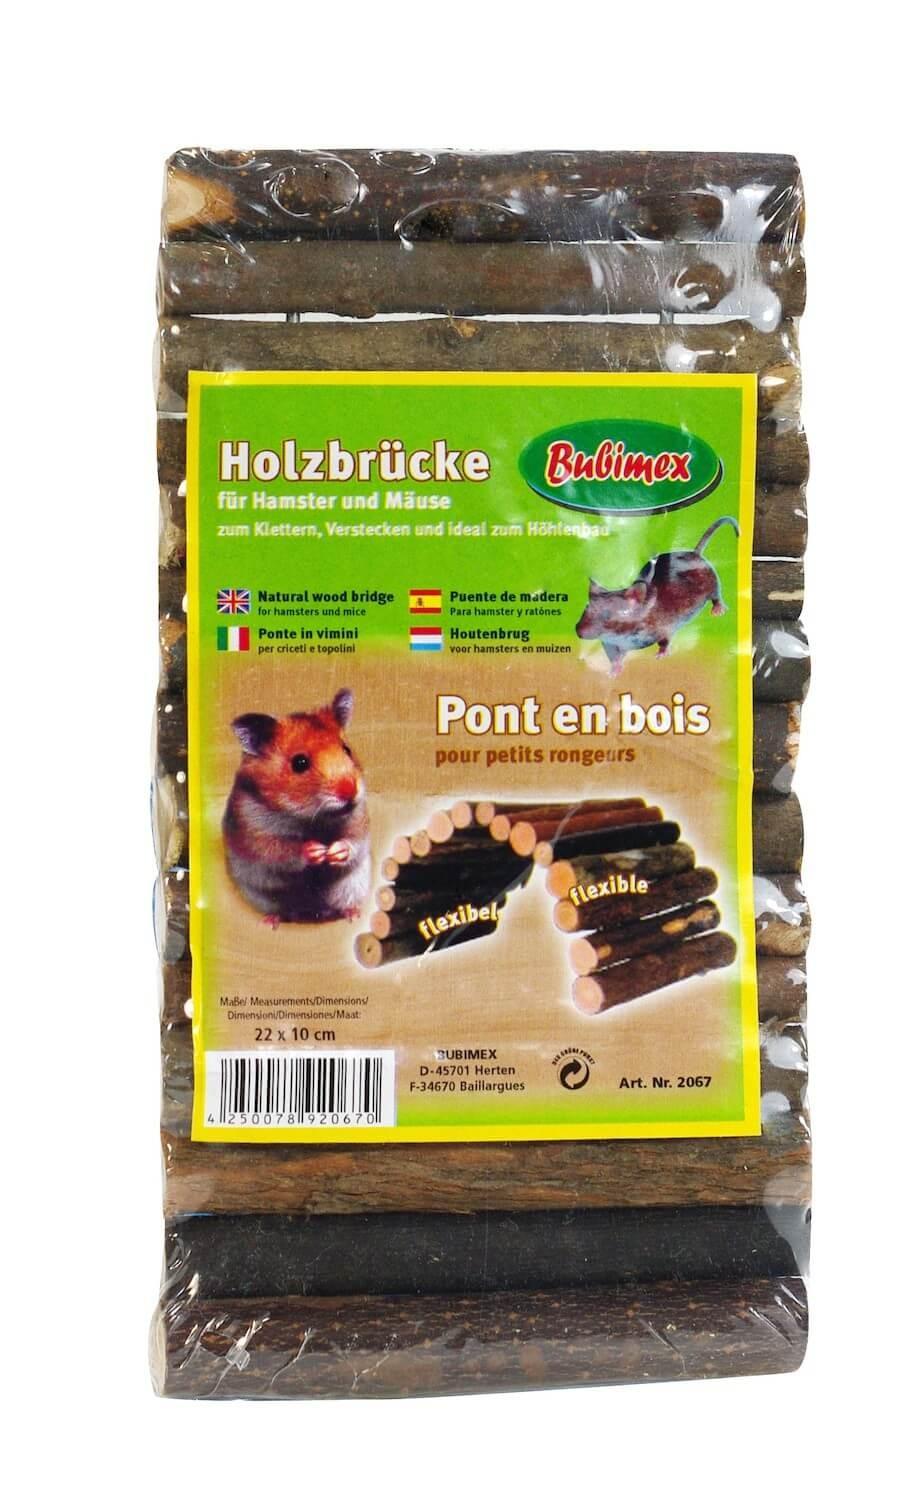 Bubimex pont en bois pour rongeurs - La Compagnie des Animaux